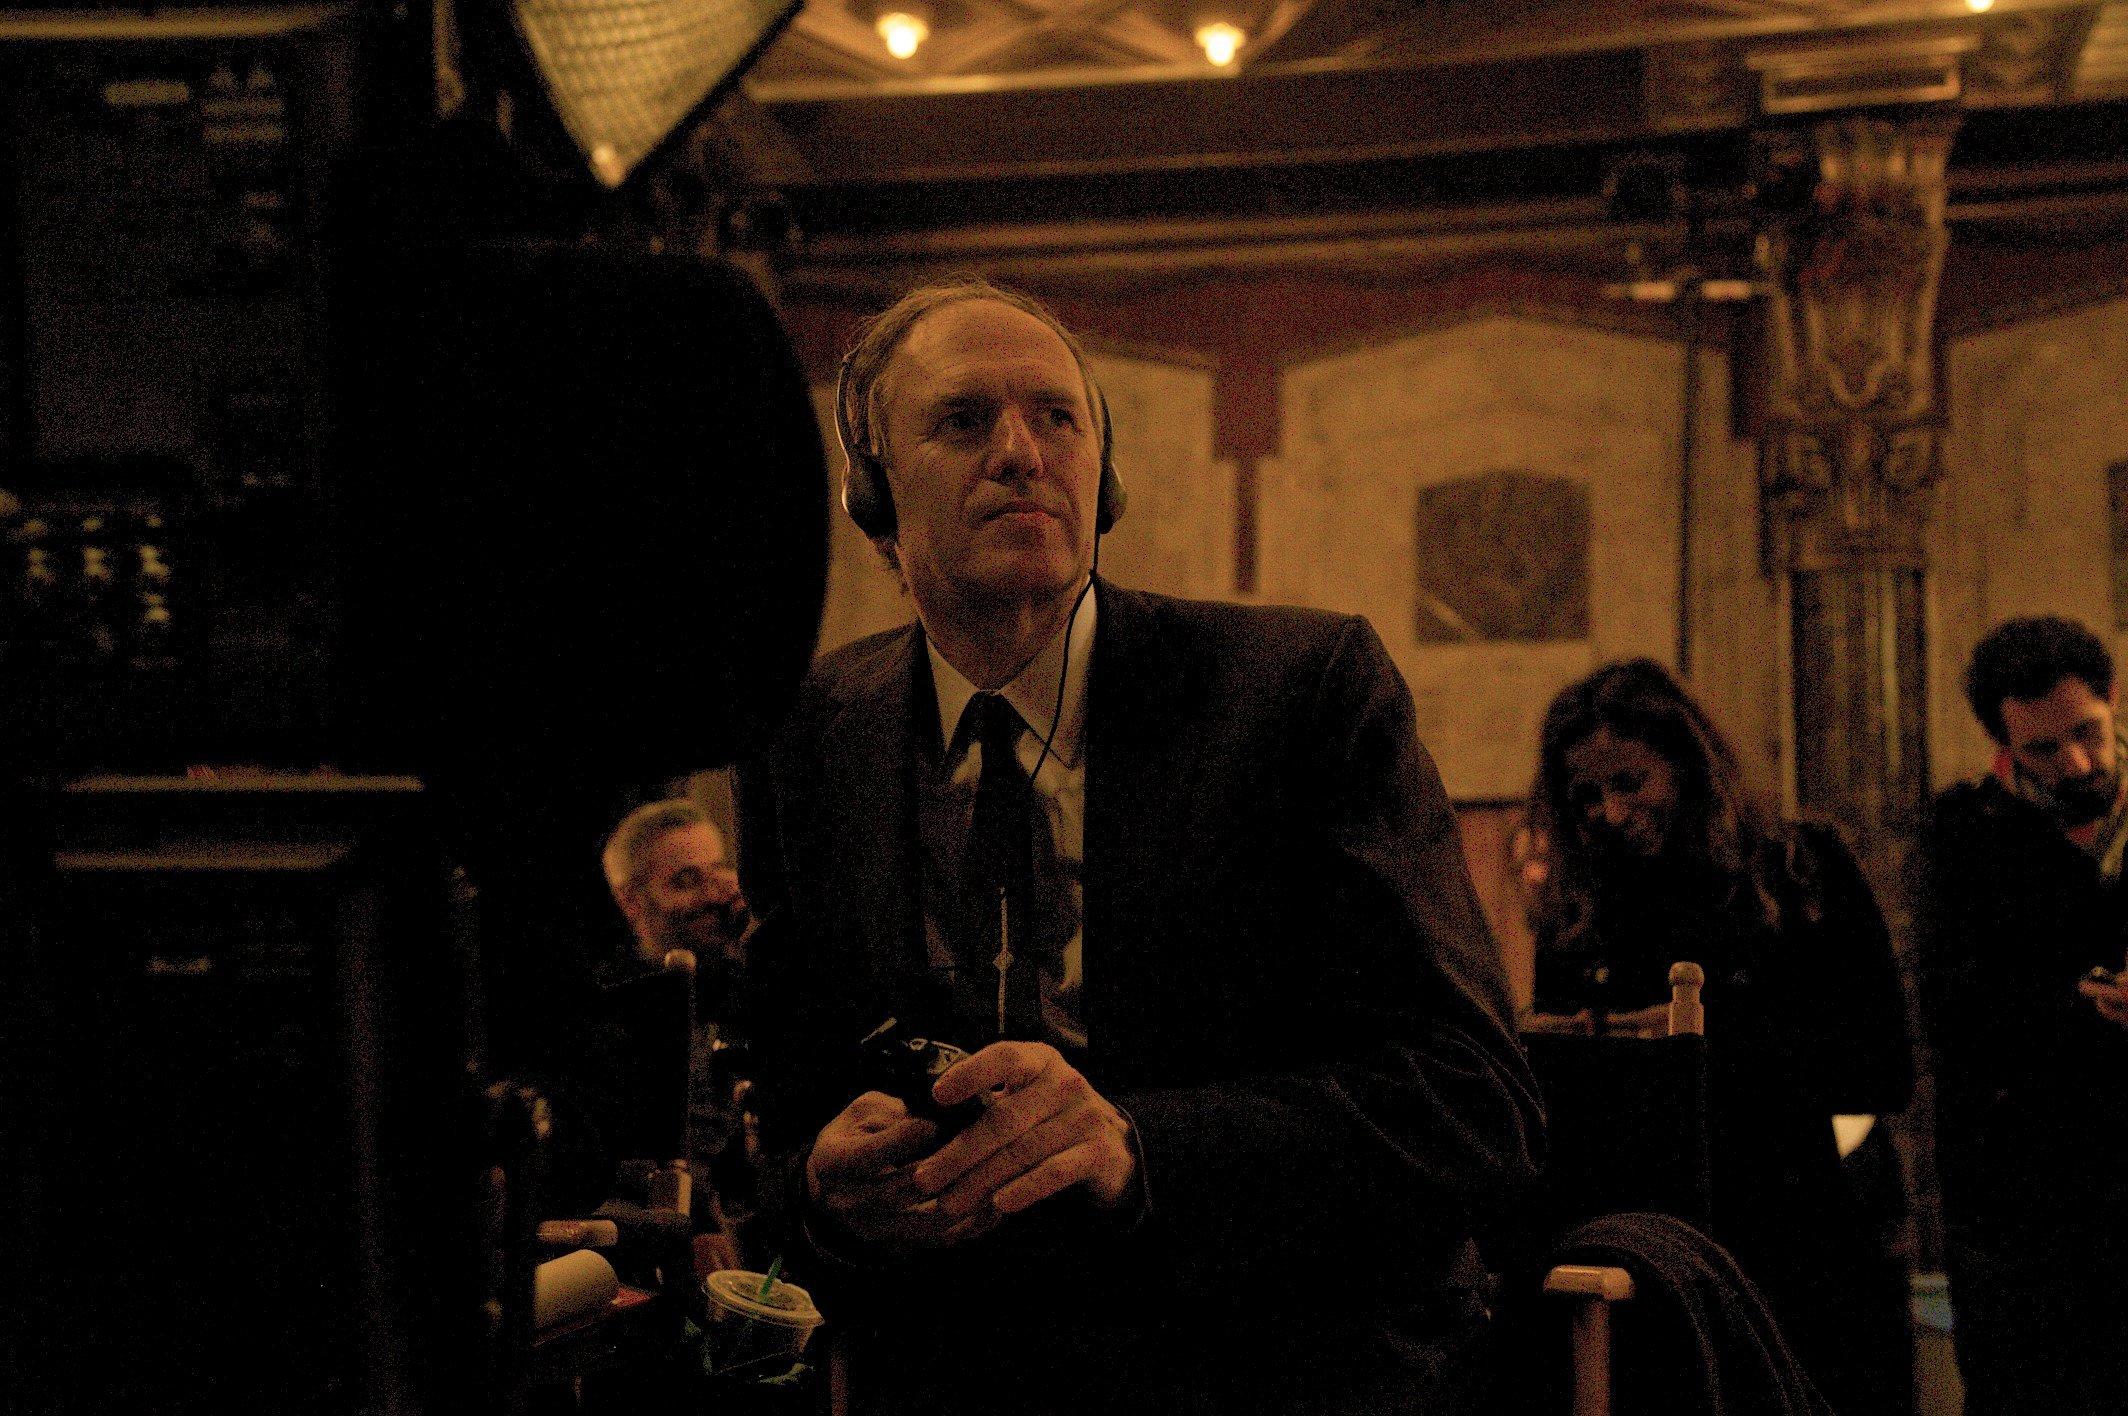 Director ANTON CORBIJN